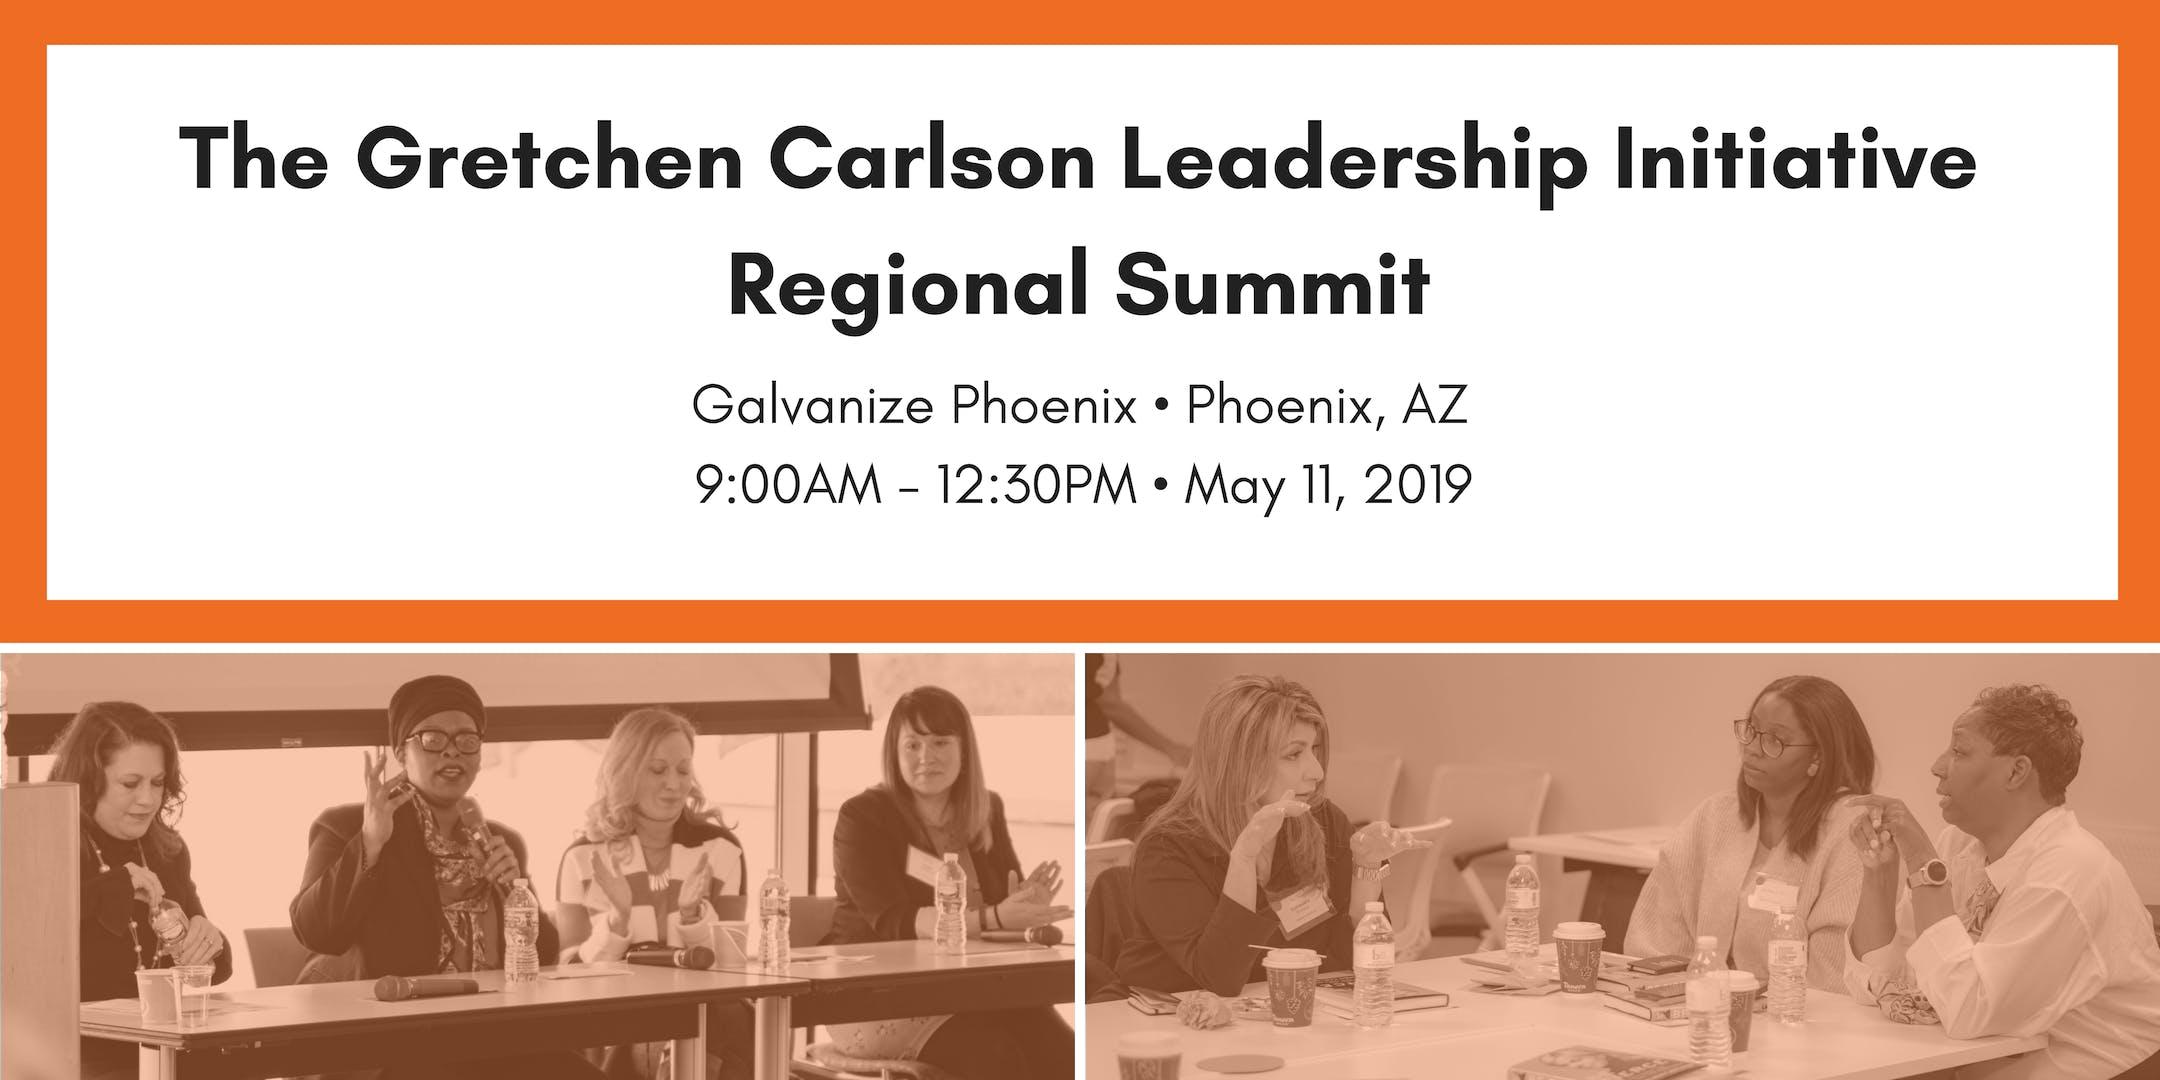 Gretchen Carlson Leadership Initiative Regional Summit